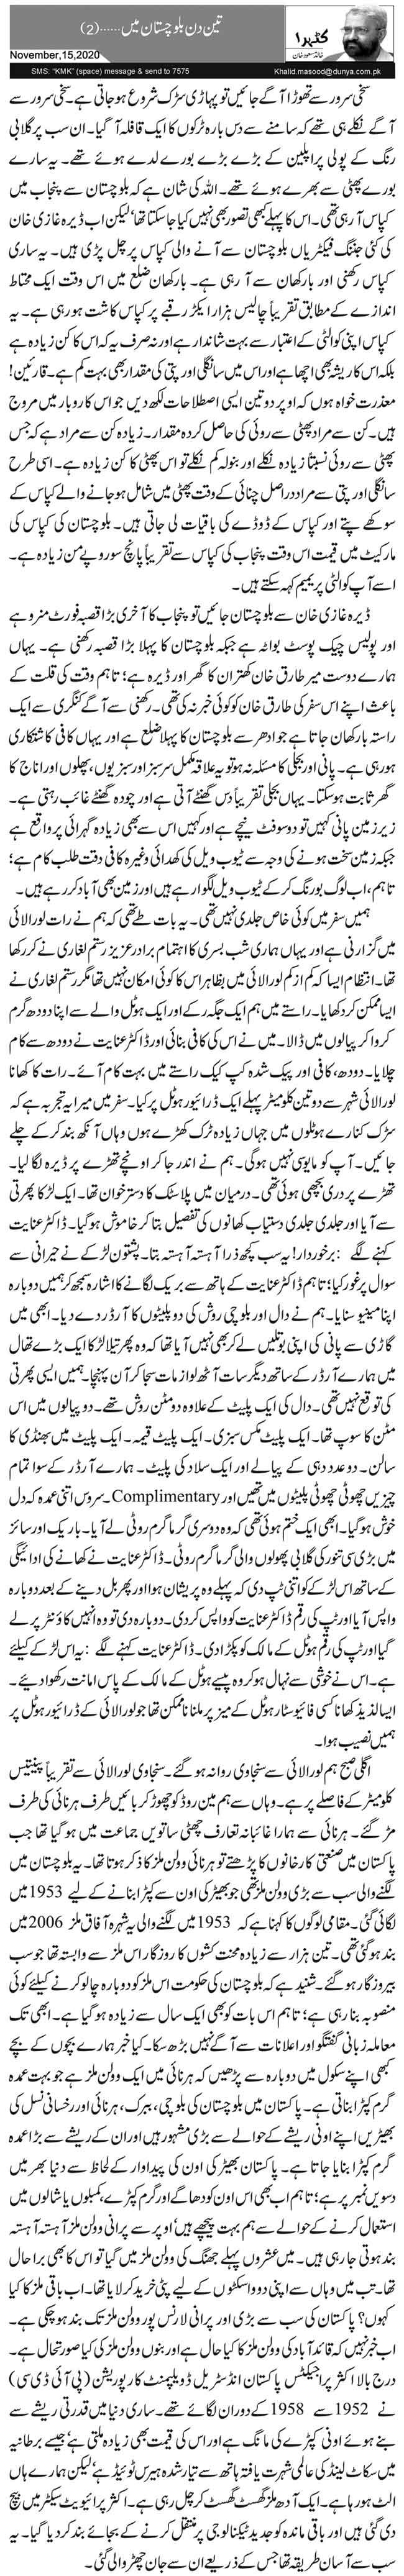 تین دن بلوچستان میں …(2)